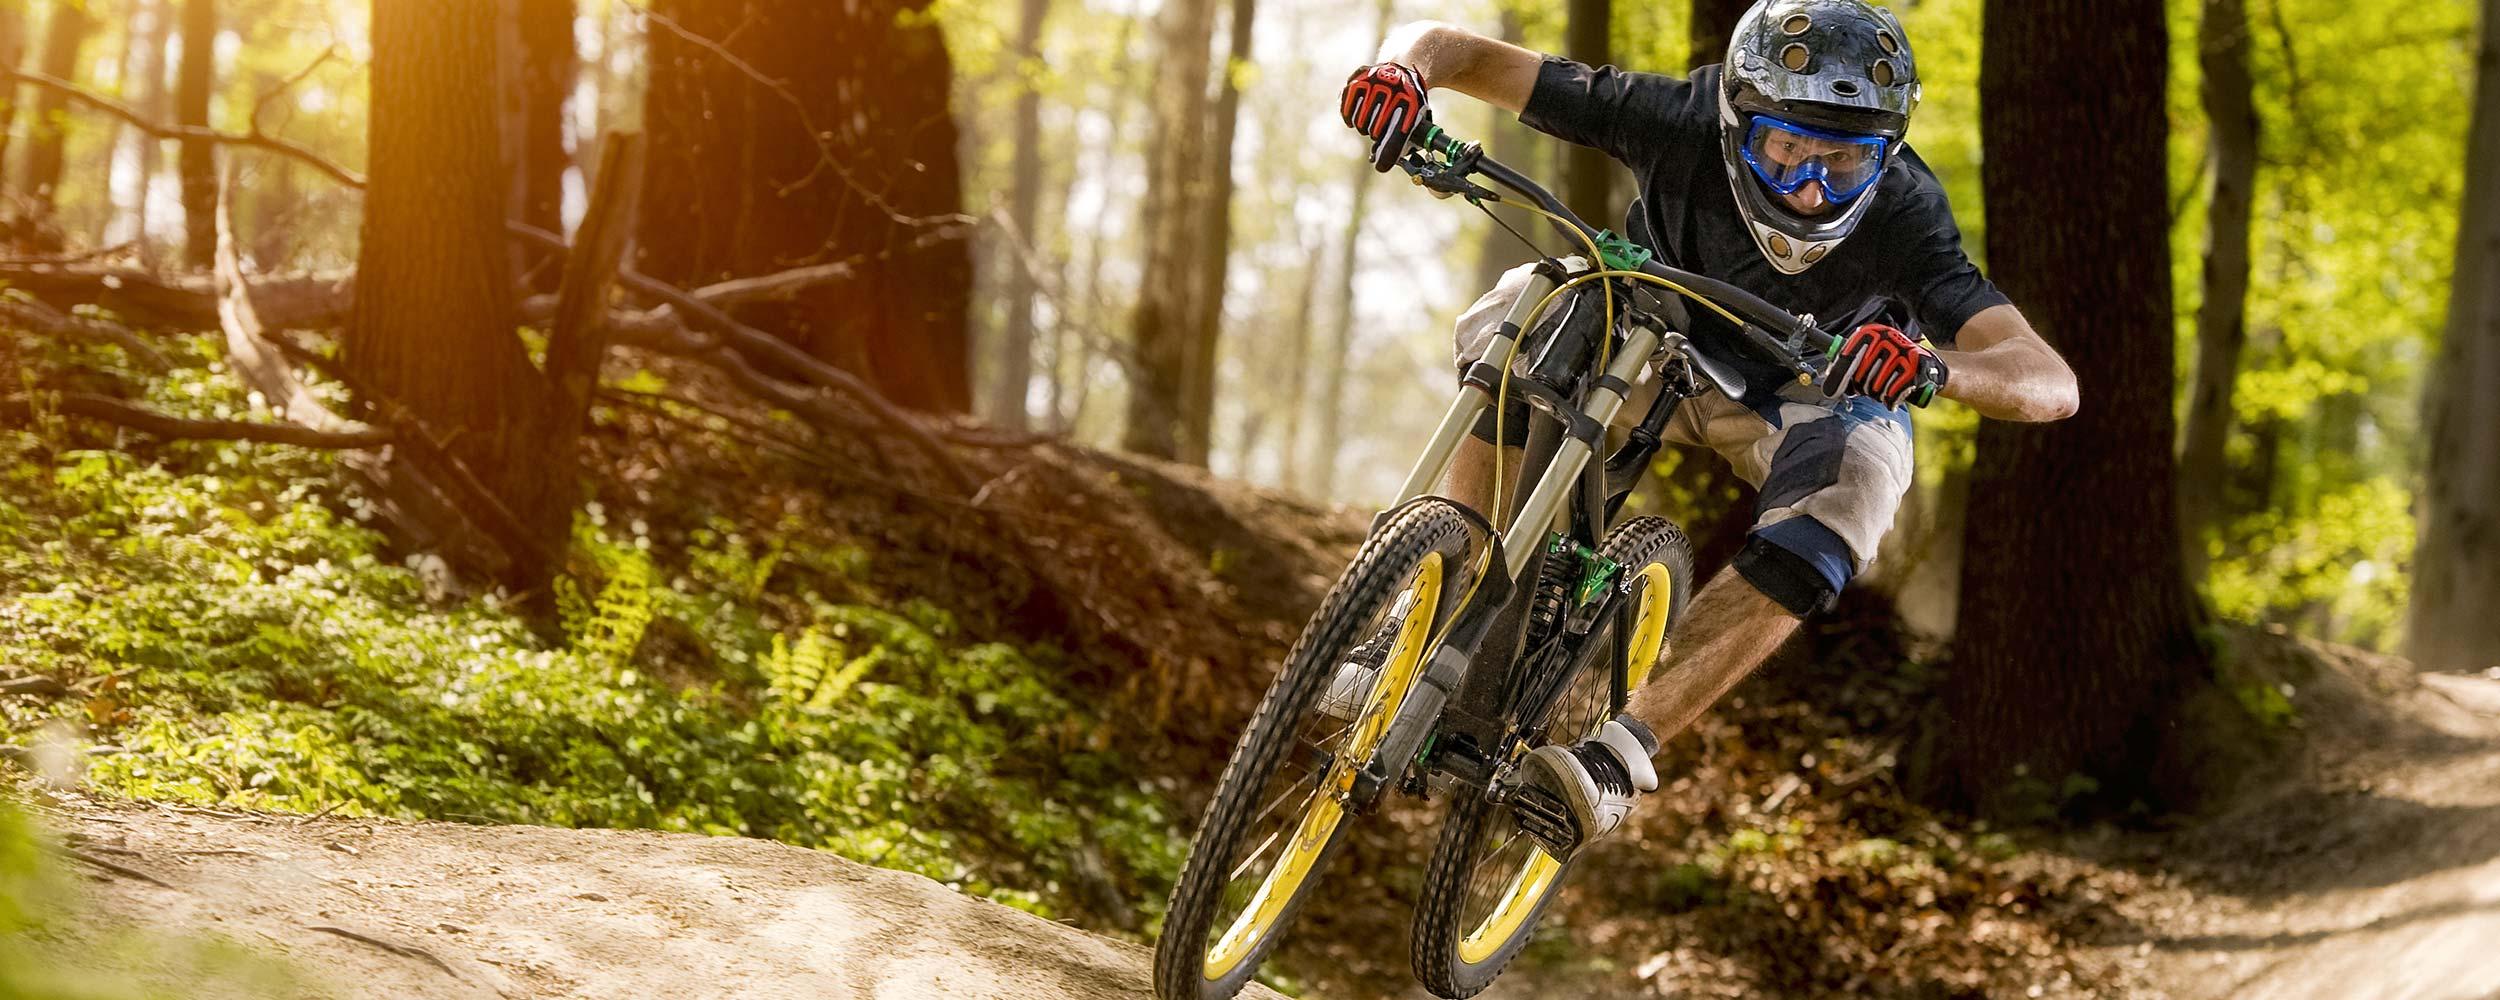 Bikepark Oberhof, Beispielbild   ©KopoPhoto - stock.adobe.com